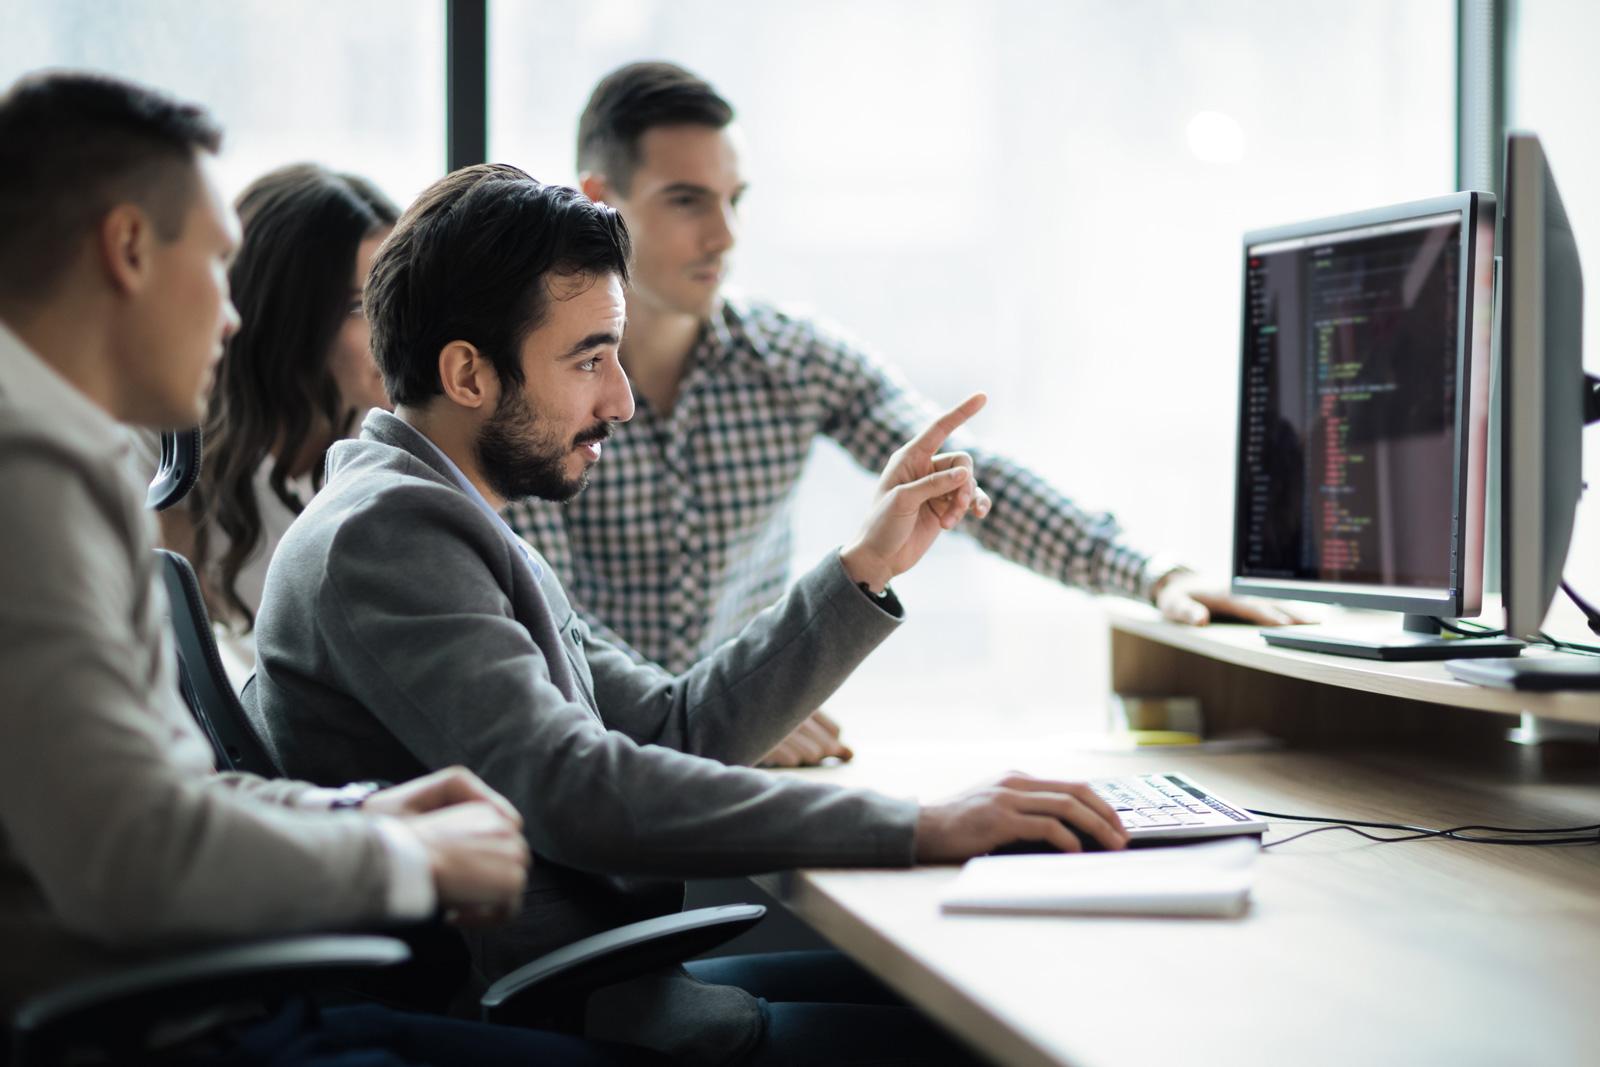 Leitung von IT-Teams und Koordnation von Projekten